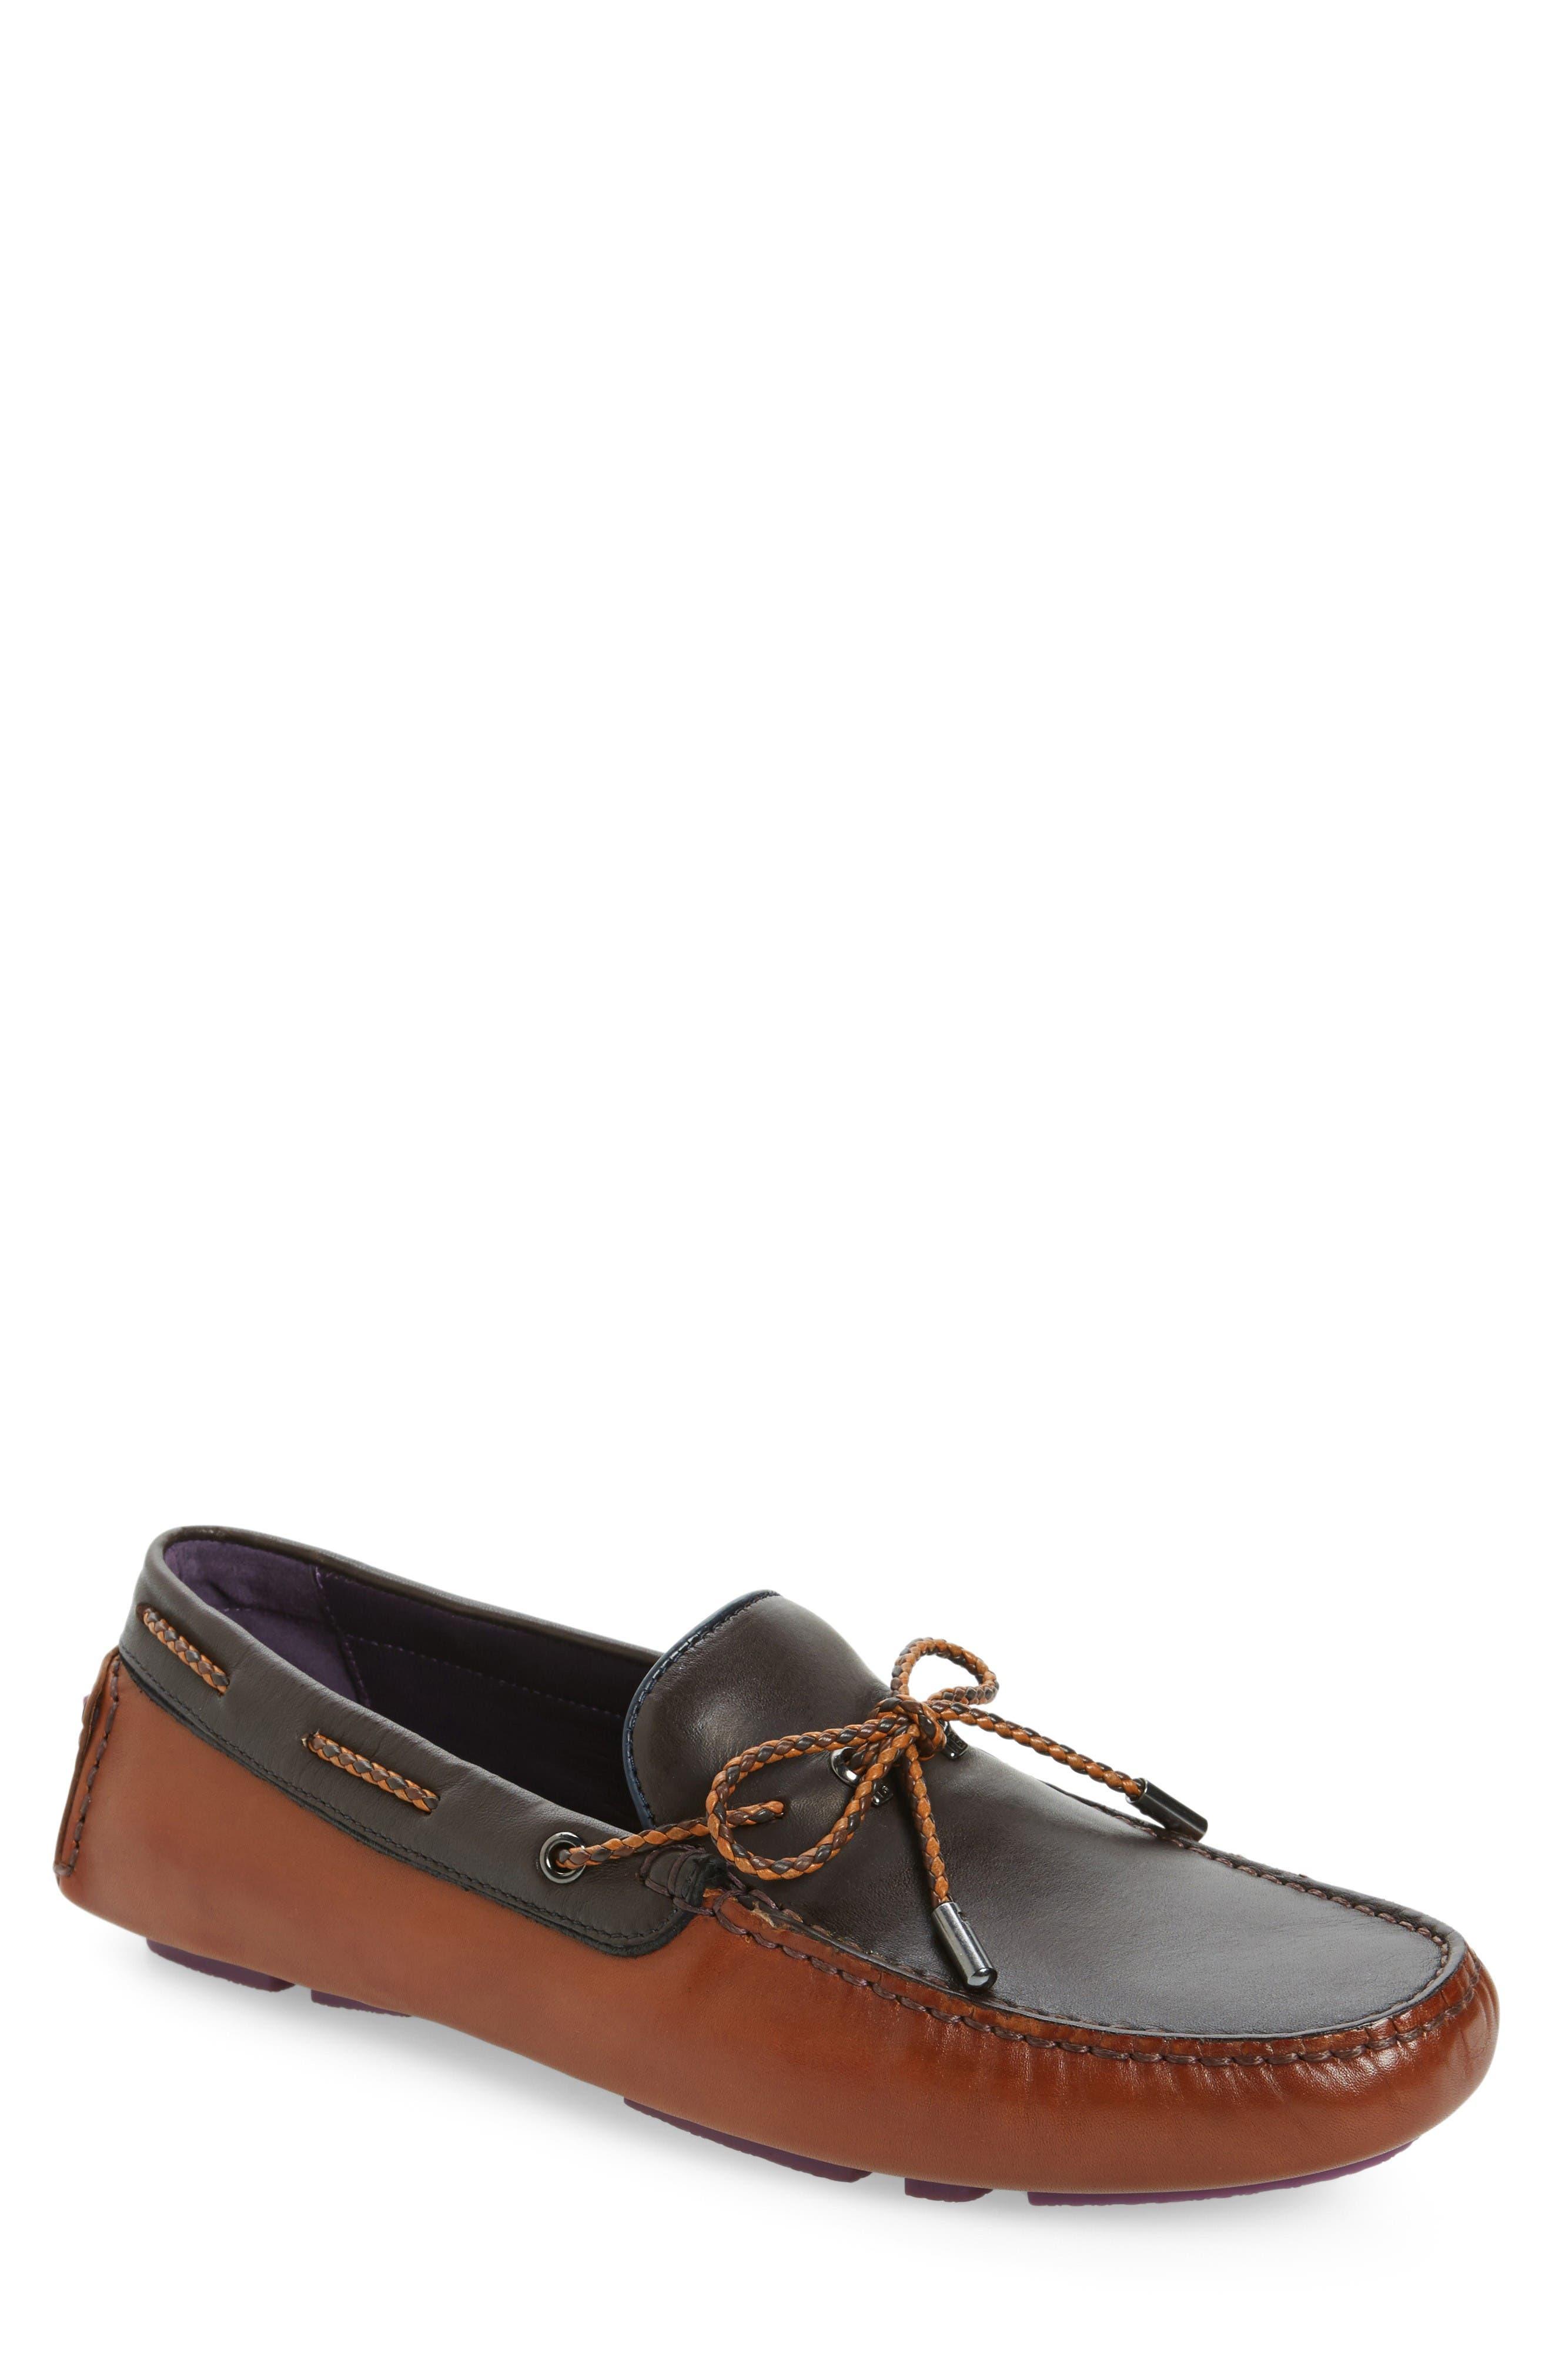 Ted Baker London Melato Driving Shoe (Men)